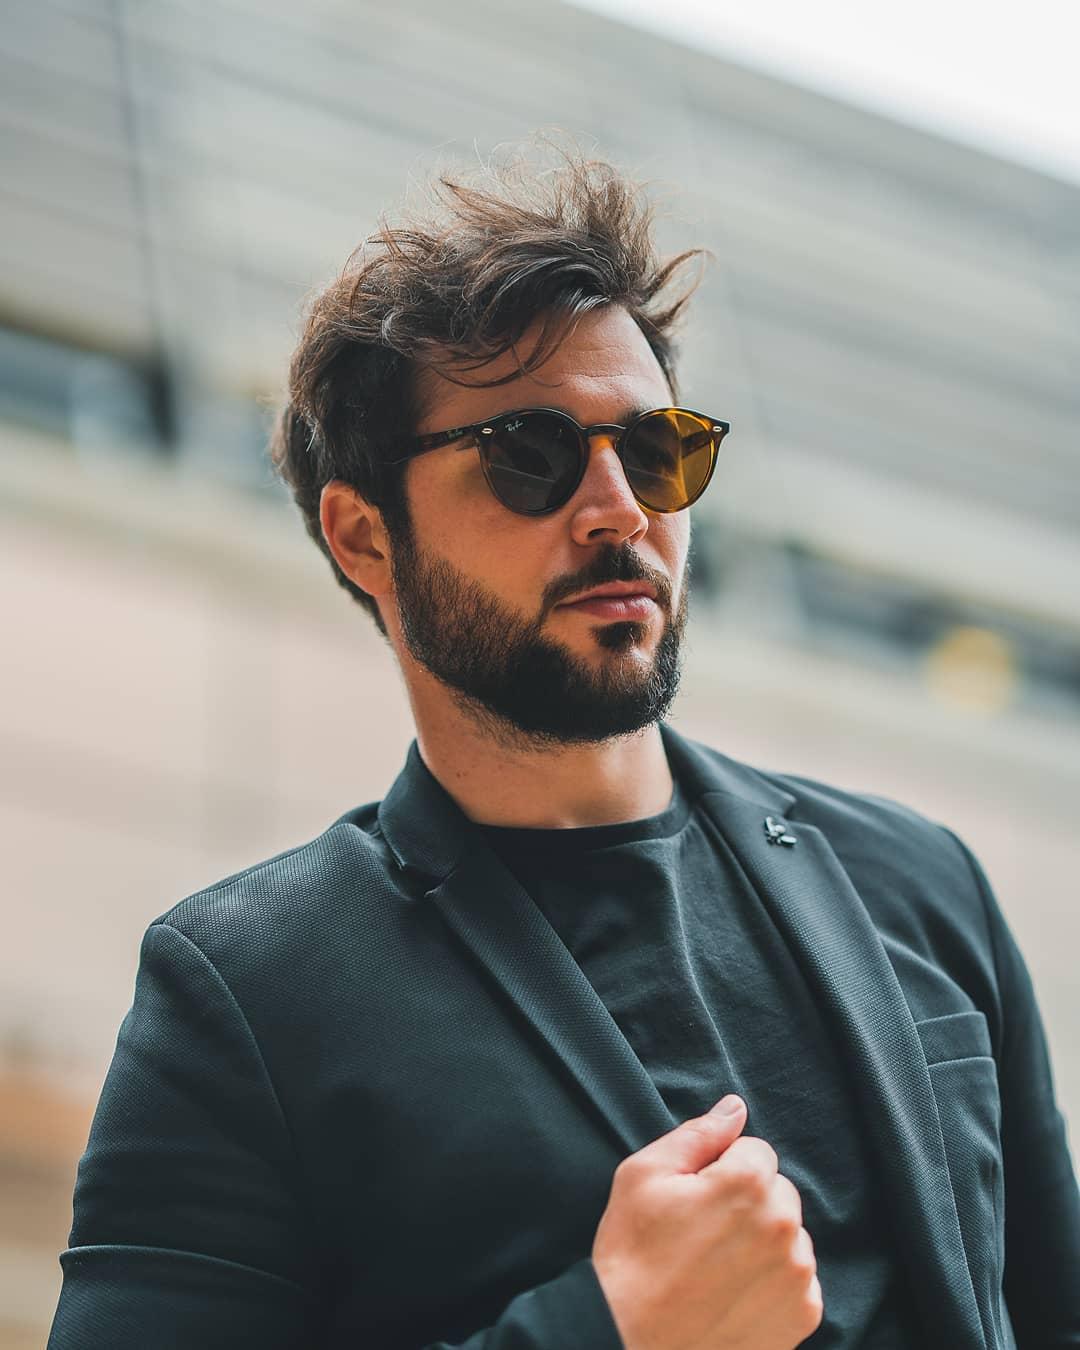 Vedeli ste, že slnečné okuliare #RayBann boli pôvodne určené pre amerických pilotov a že na ich popularite sa výrazne zaslúžili filmy Top Gun a Matrix? . Dnes patria medzi jedny z najobľúbenejších značiek a kdo ich nemá, akoby ani nebol. . #vasesosovky #slnecneokuliare #leto #dnesnosim #sunglasses